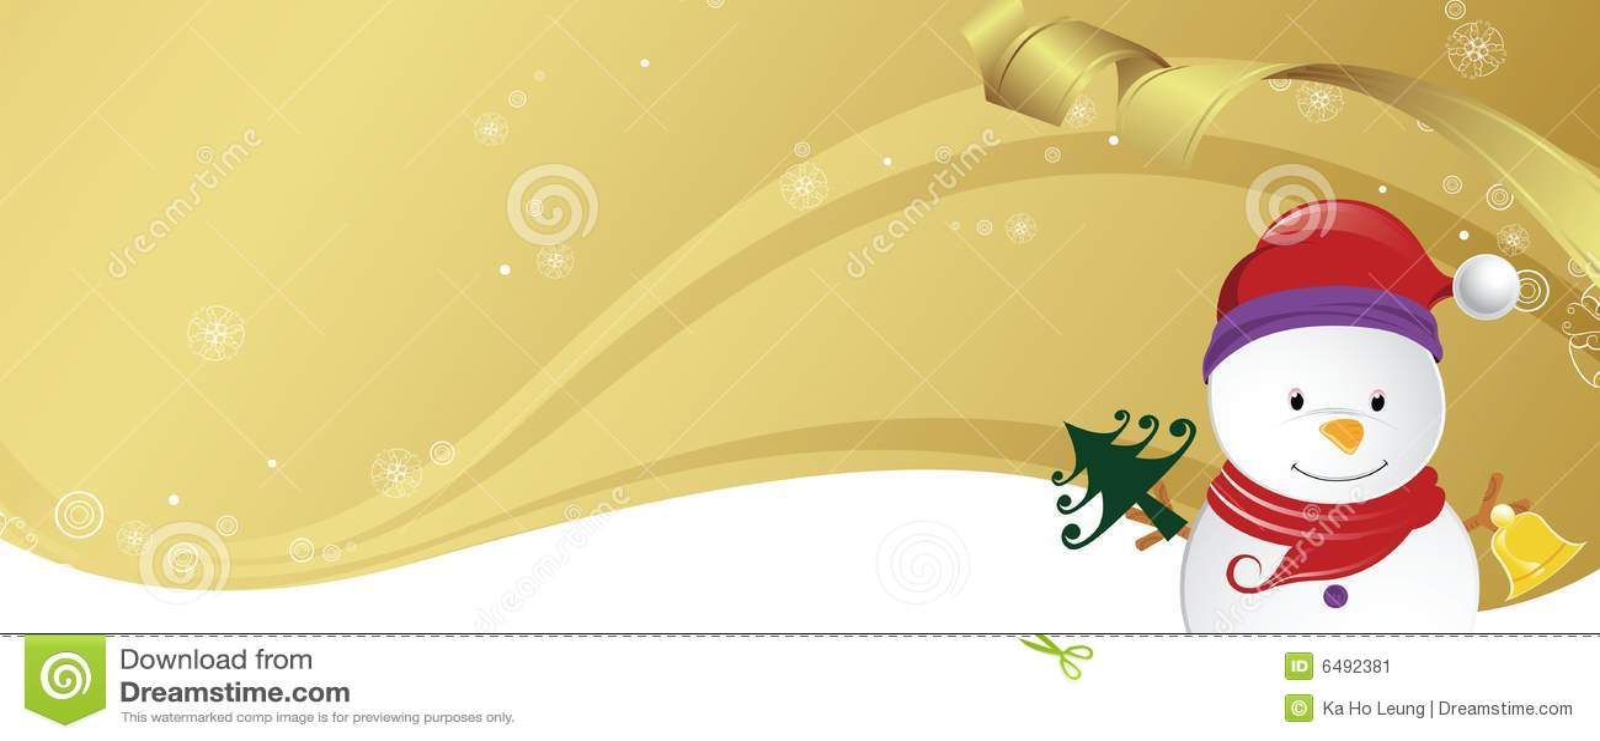 Tarjeta De La Invitación De La Fiesta De Navidad Stock De